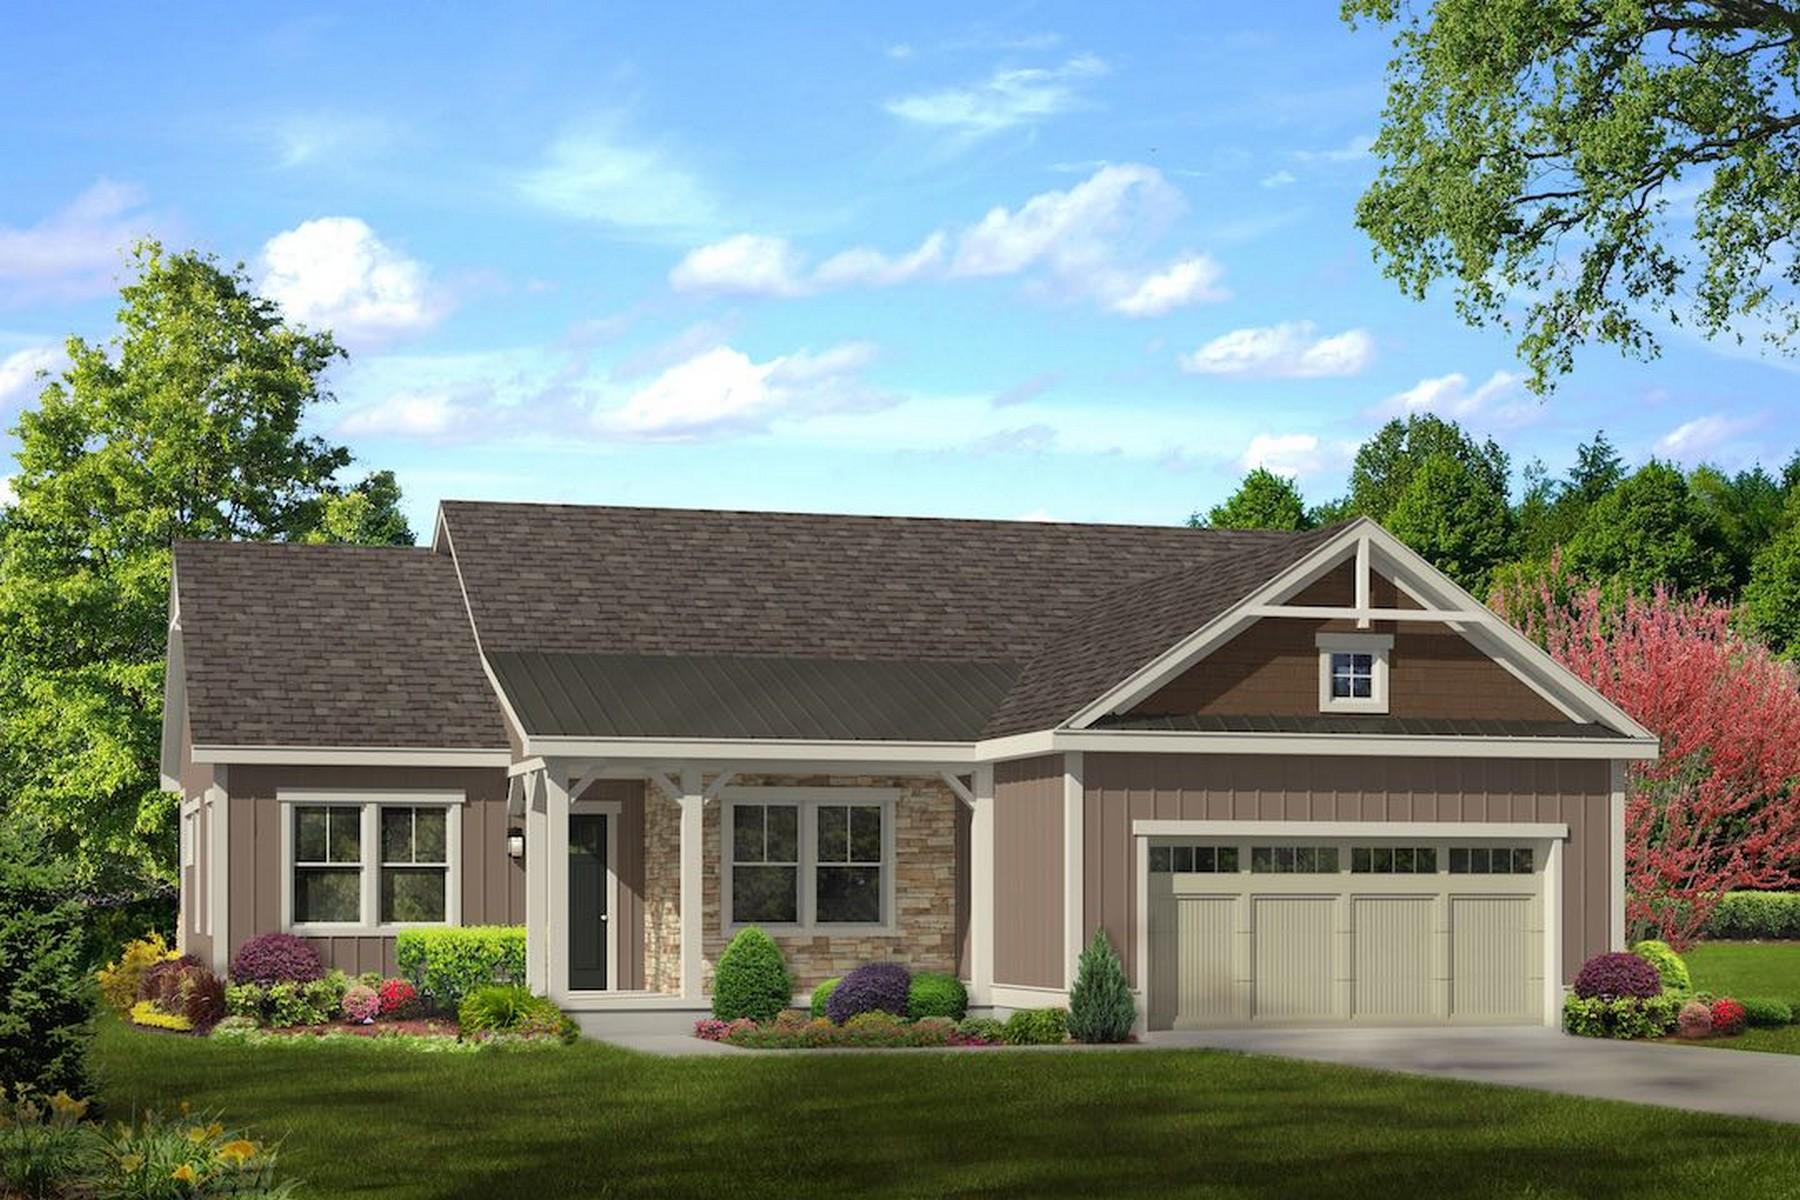 Einfamilienhaus für Verkauf beim Classic Craftsman Style Home 170 Haas Rd Schuylerville, New York 12871 Vereinigte Staaten